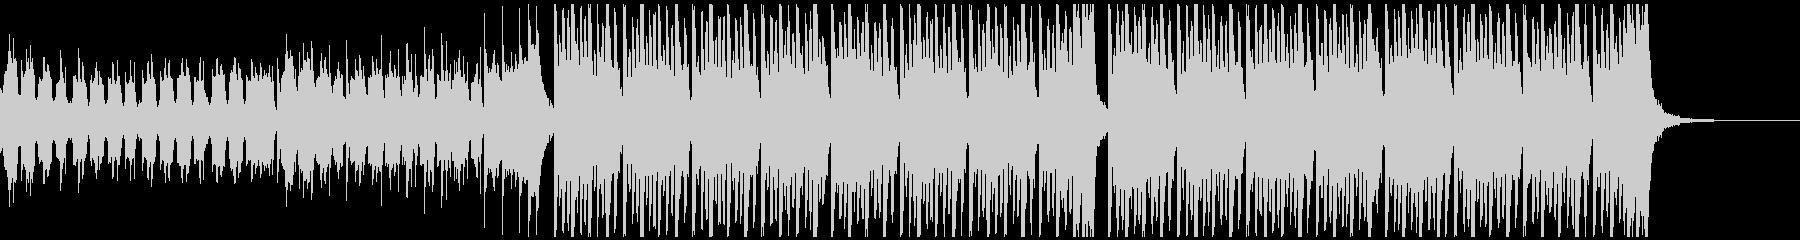 ドライブ(60秒)の未再生の波形